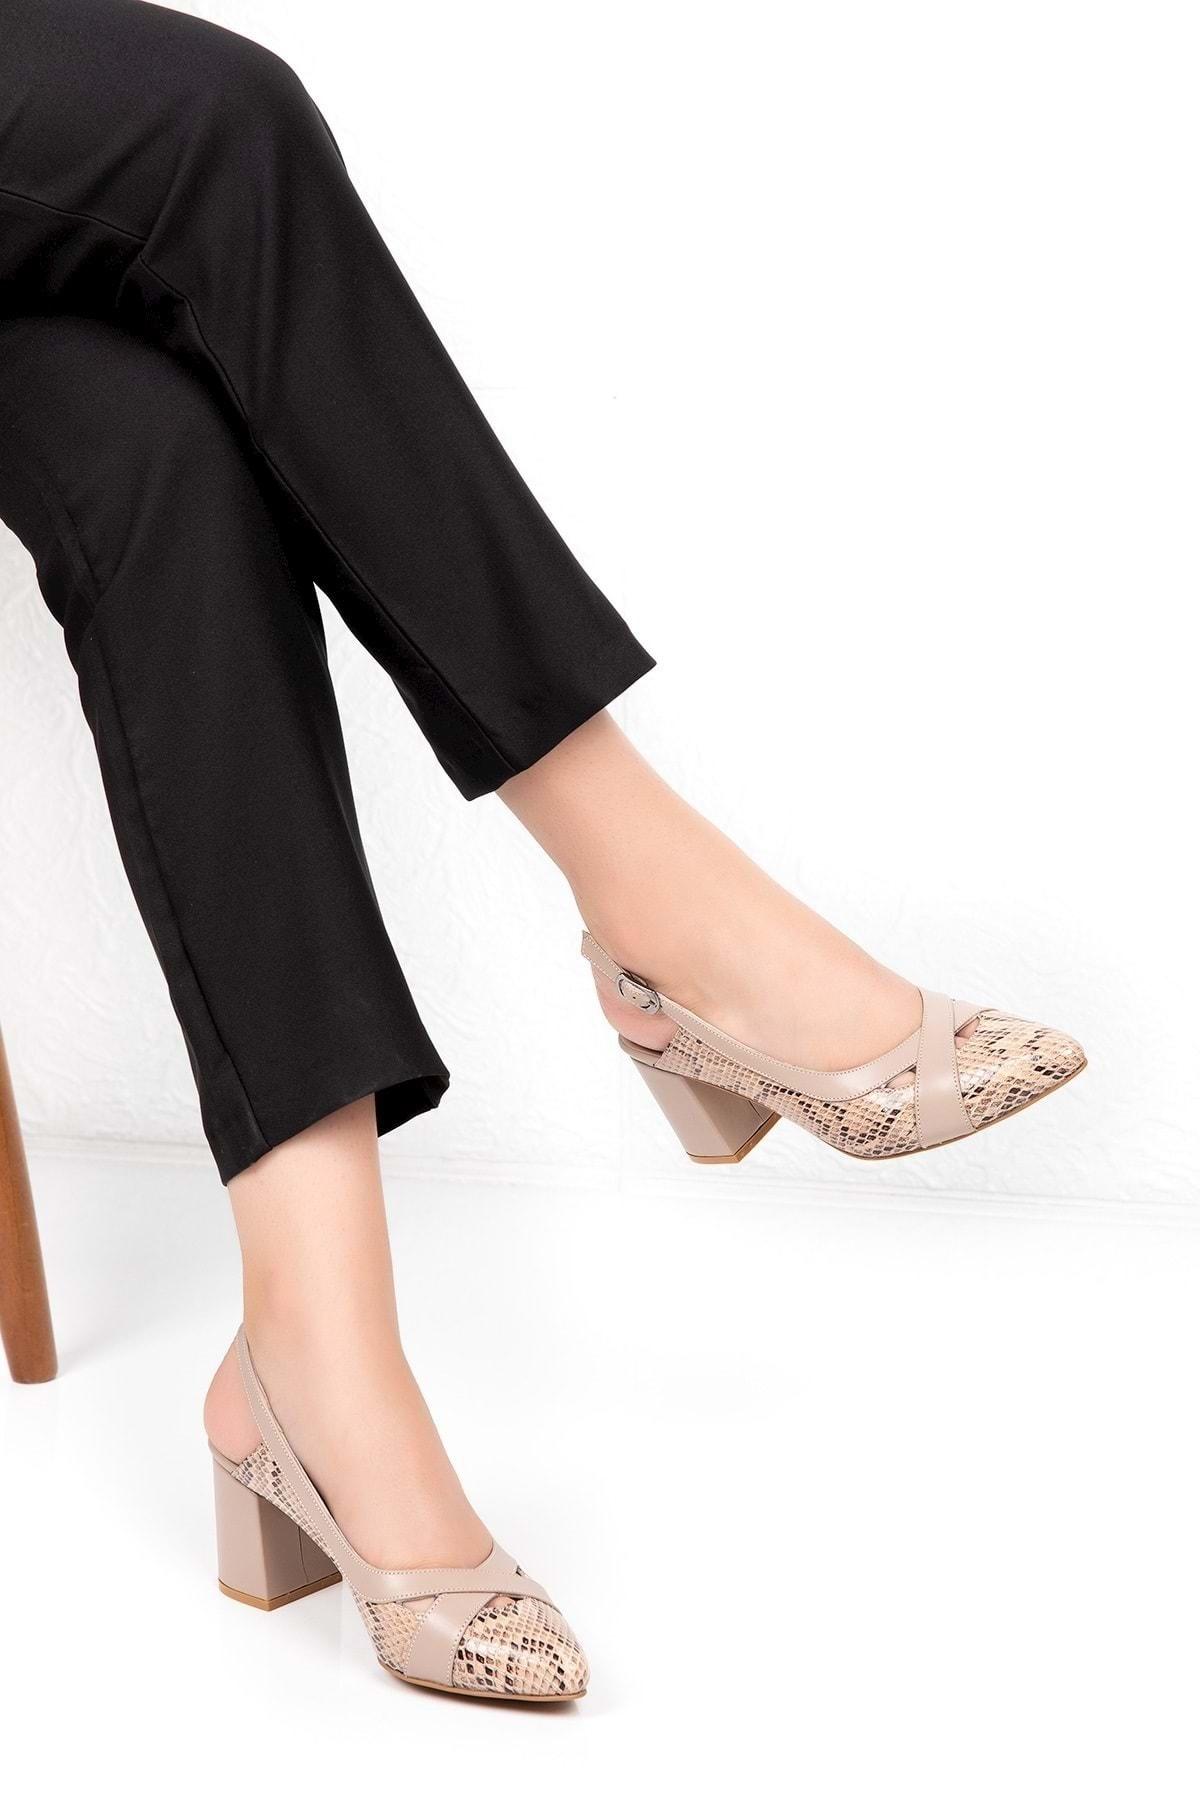 Hakiki Deri Yılan Desen Ayrıntılı Topuklu Ayakkabı Şhn.0738 - Vizon - 36